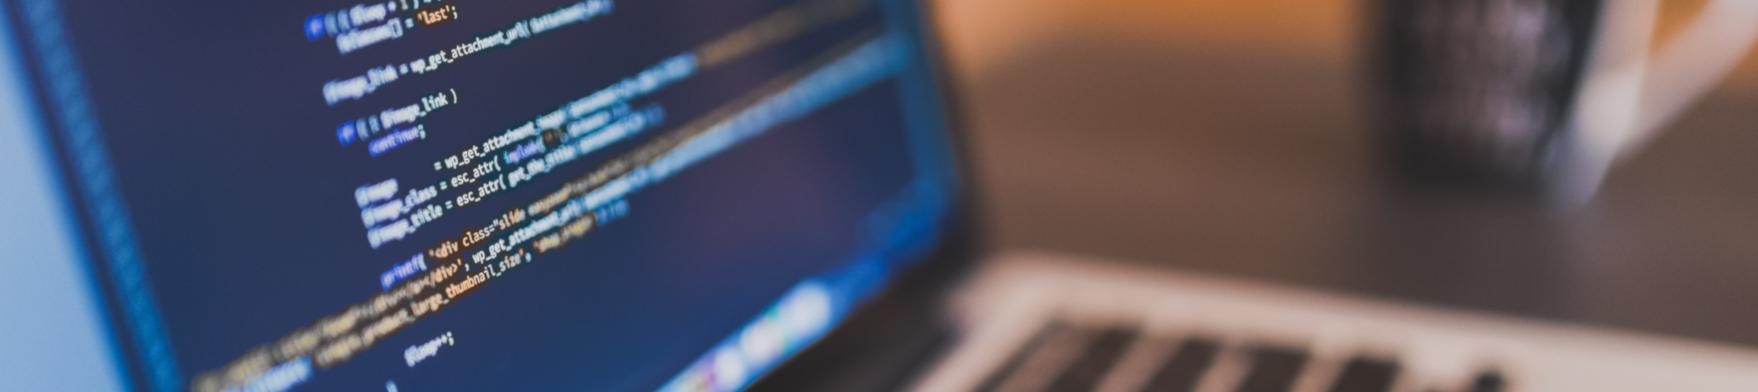 Laptop displaying code